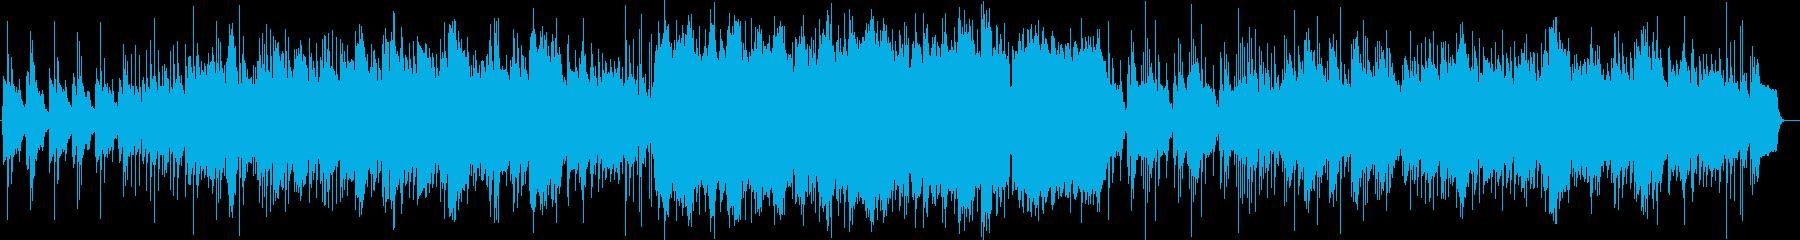 ジャズライブ風のインストゥルメンタルの再生済みの波形